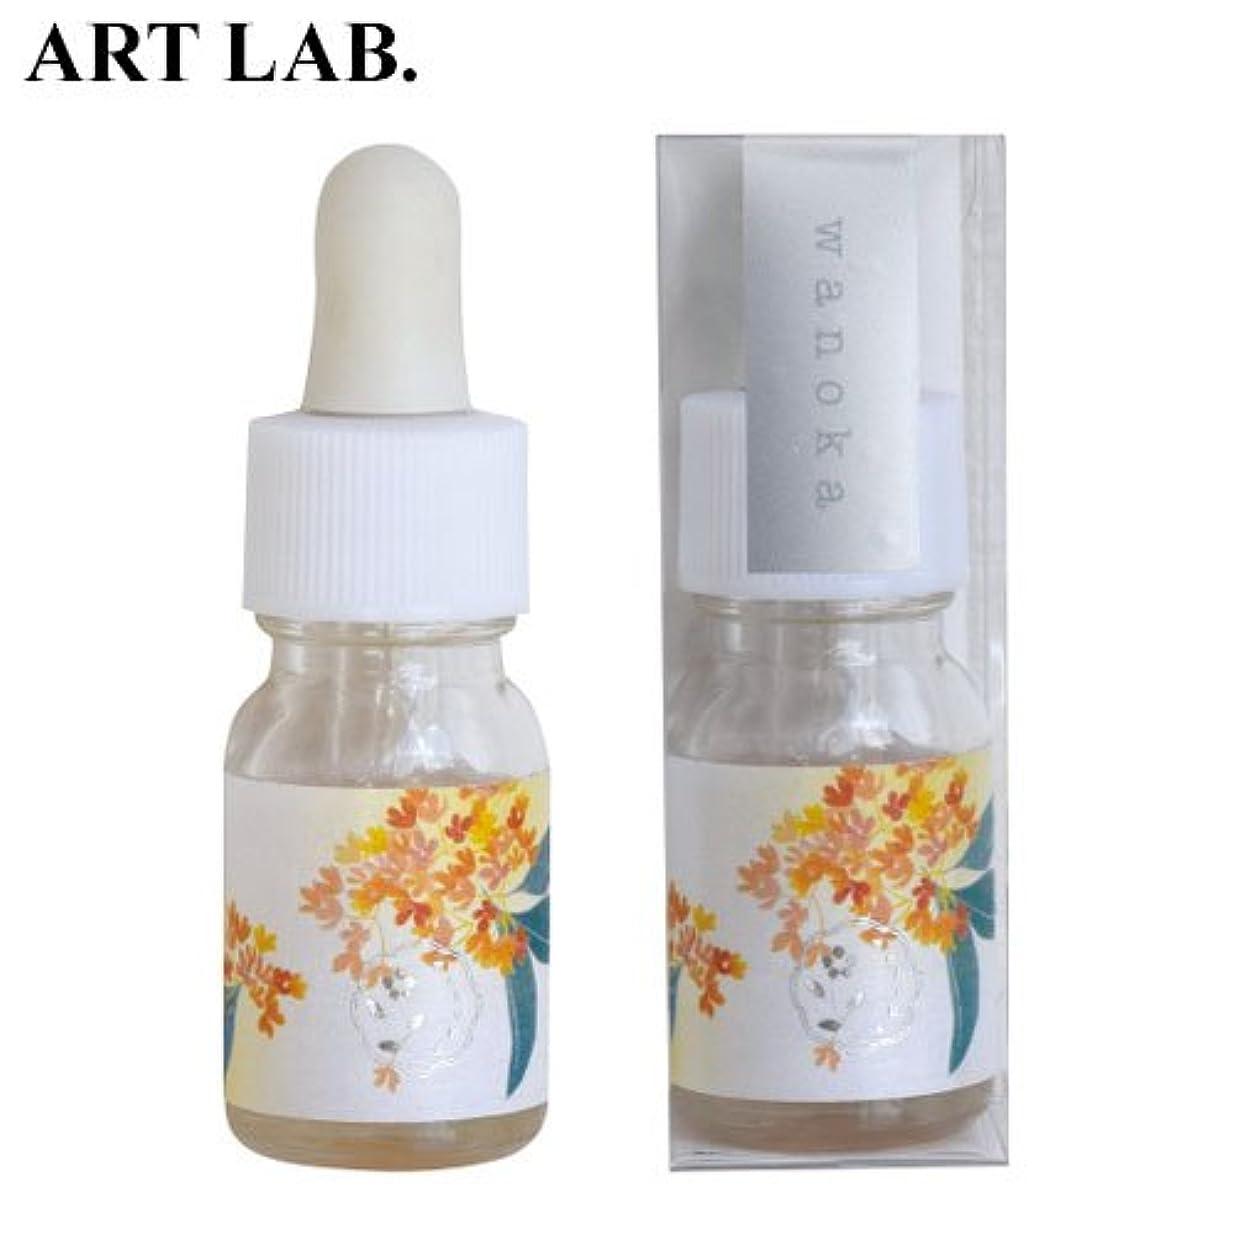 タンカー猫背尊敬するwanoka香油アロマオイル金木犀《果実のような甘い香り》ART LABAromatic oil